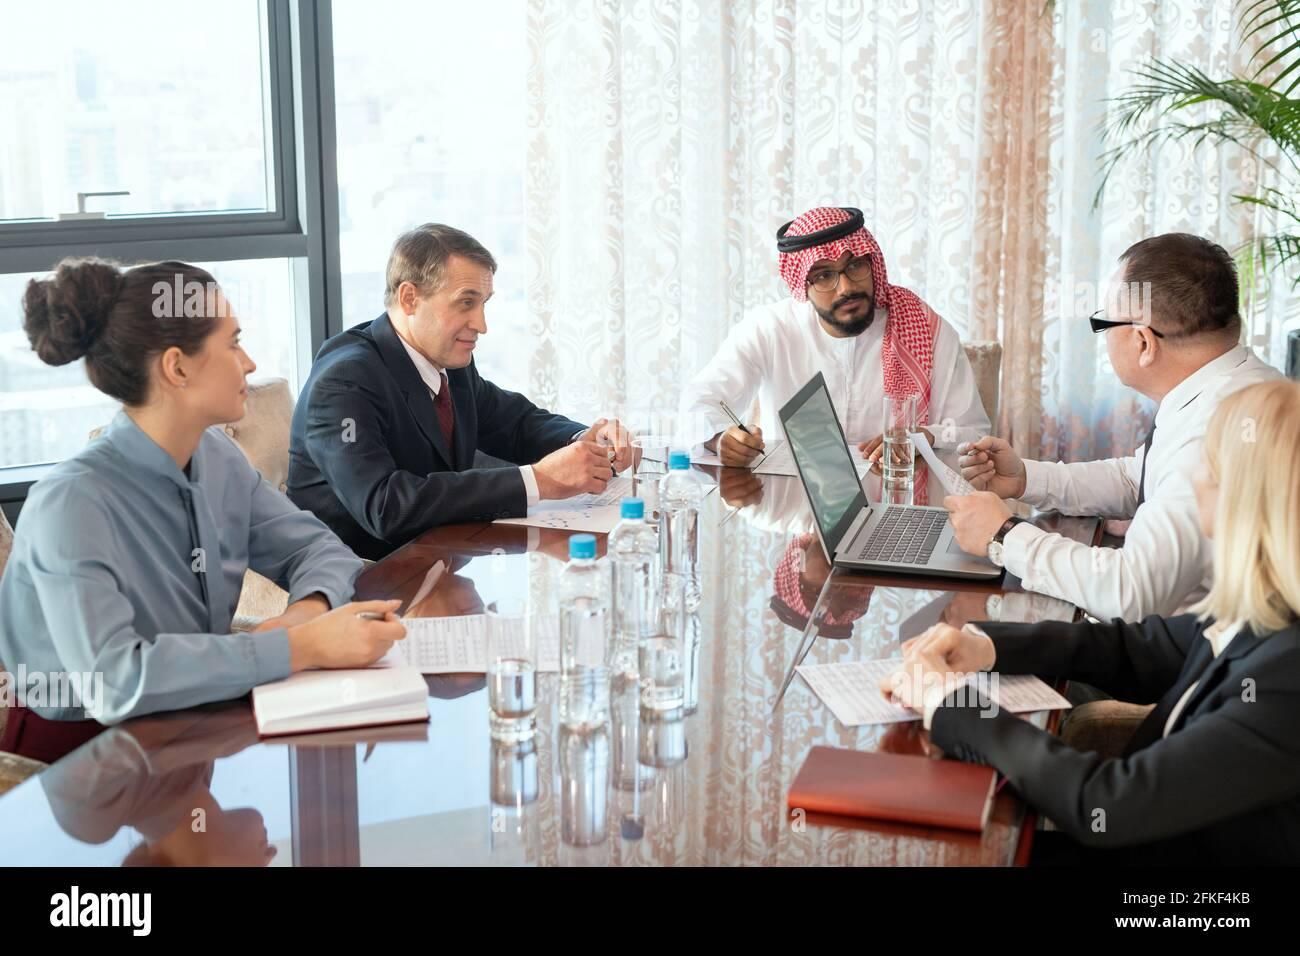 Un grupo de delegados o empresarios sentados alrededor de una mesa durante la reunión Foto de stock